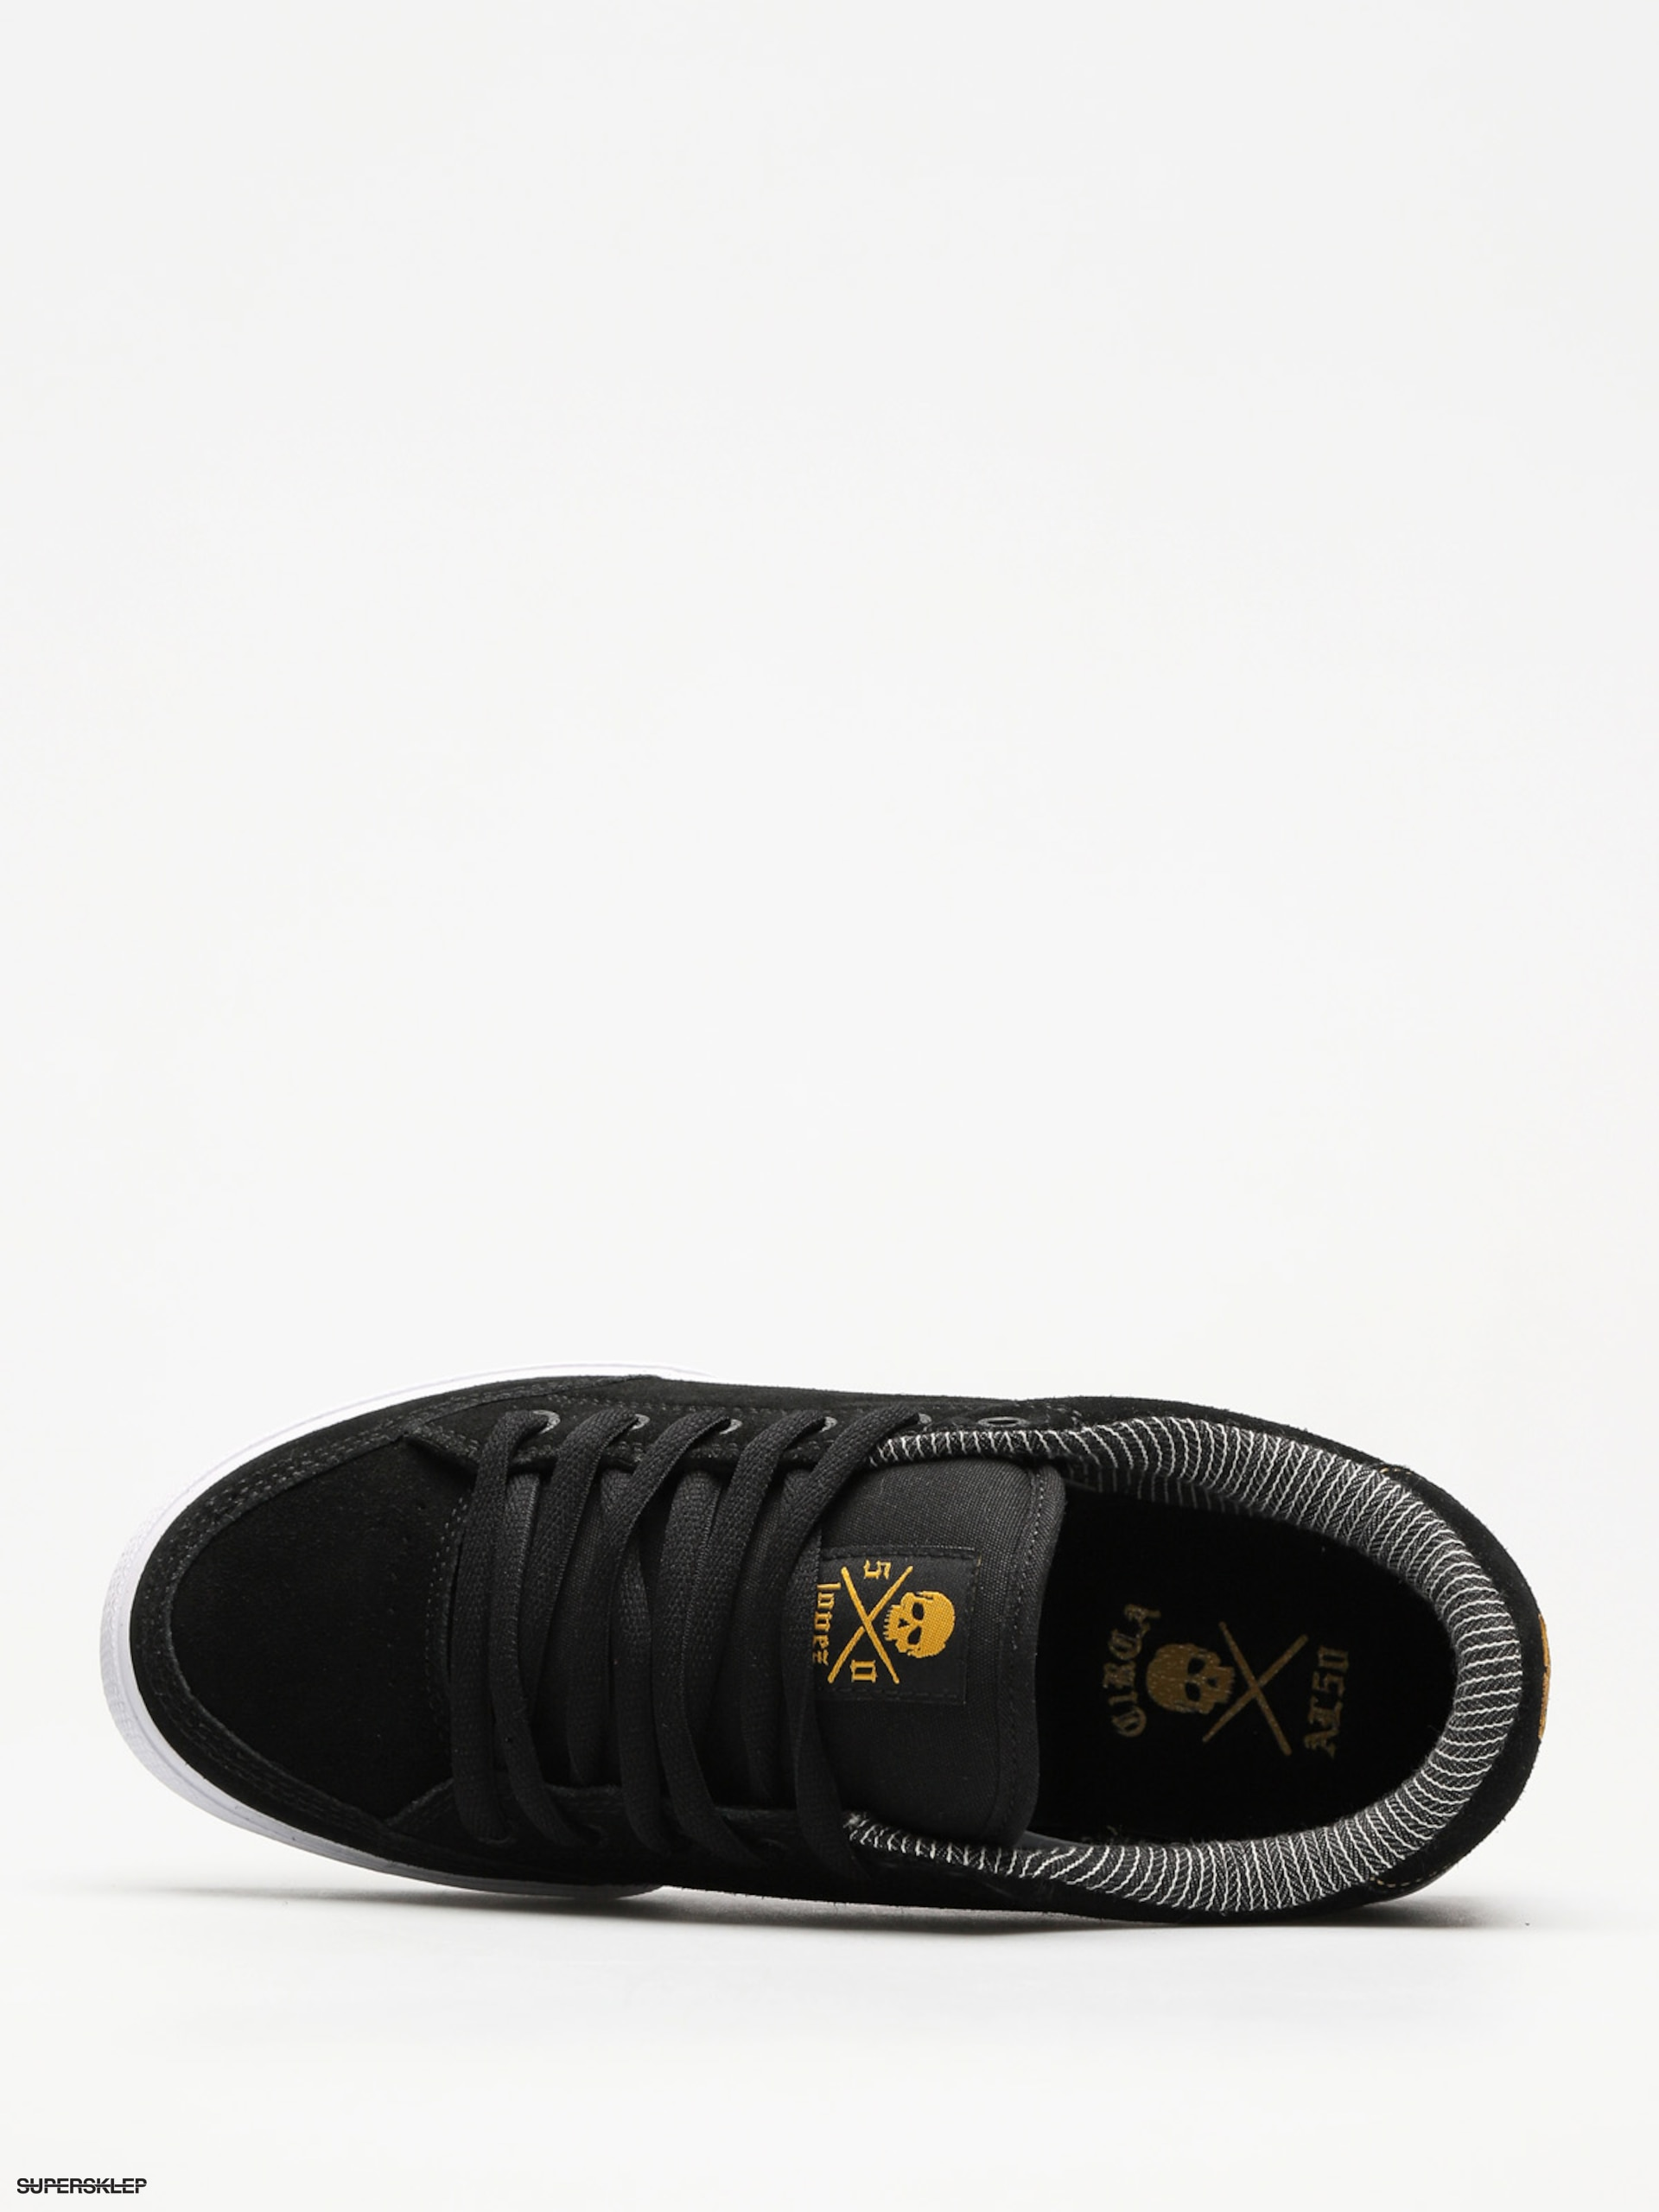 Topánky Circa Lopez 50 (black golden yellow) c96a96b7051